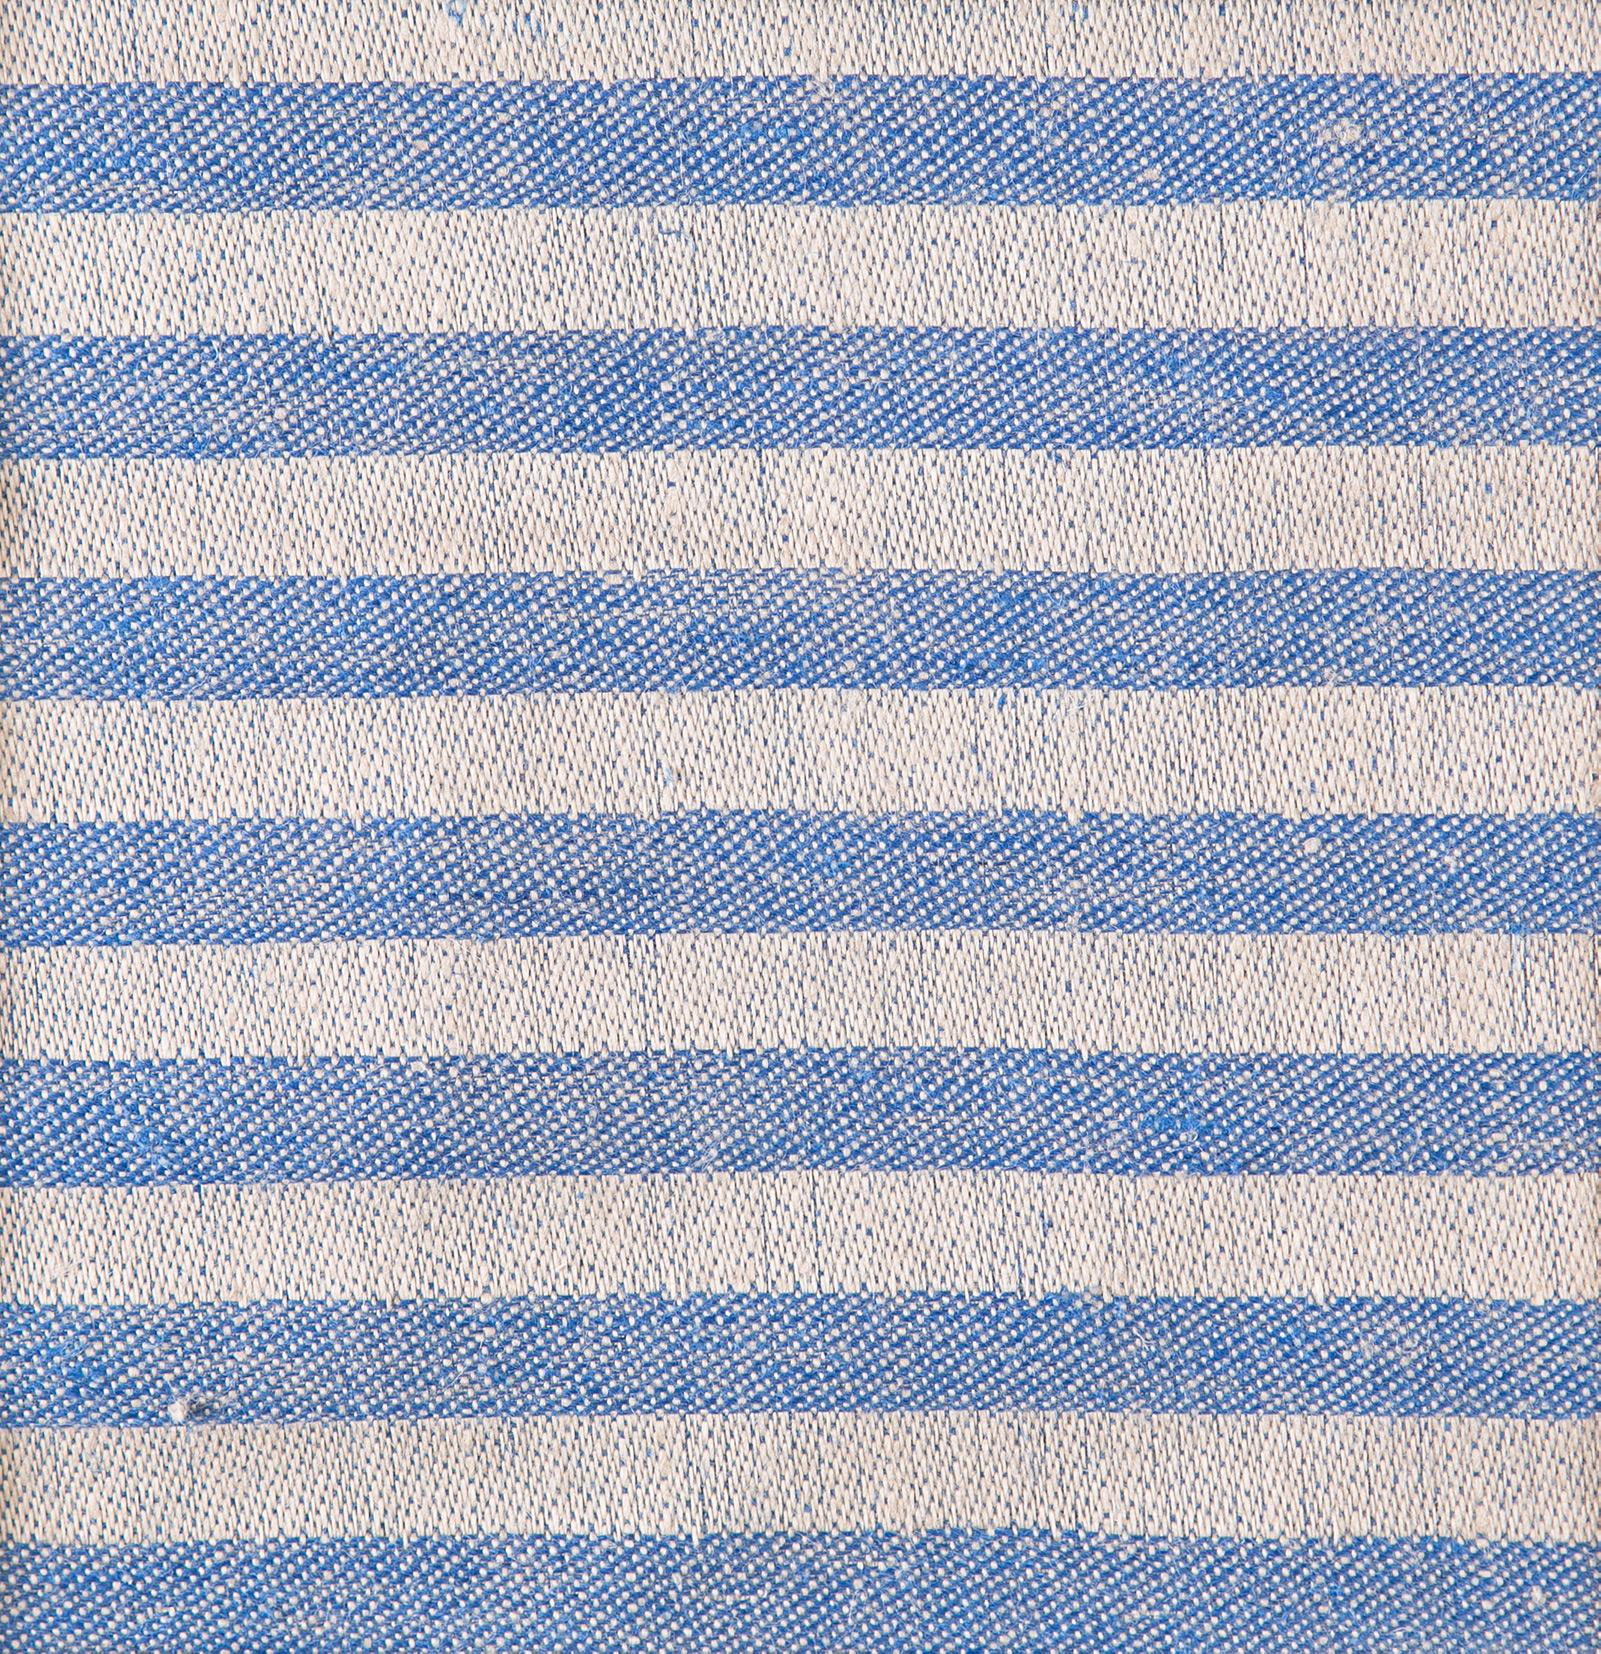 Marie bordslöpare färgprov design Hanne Vedel färg sandvarp blå